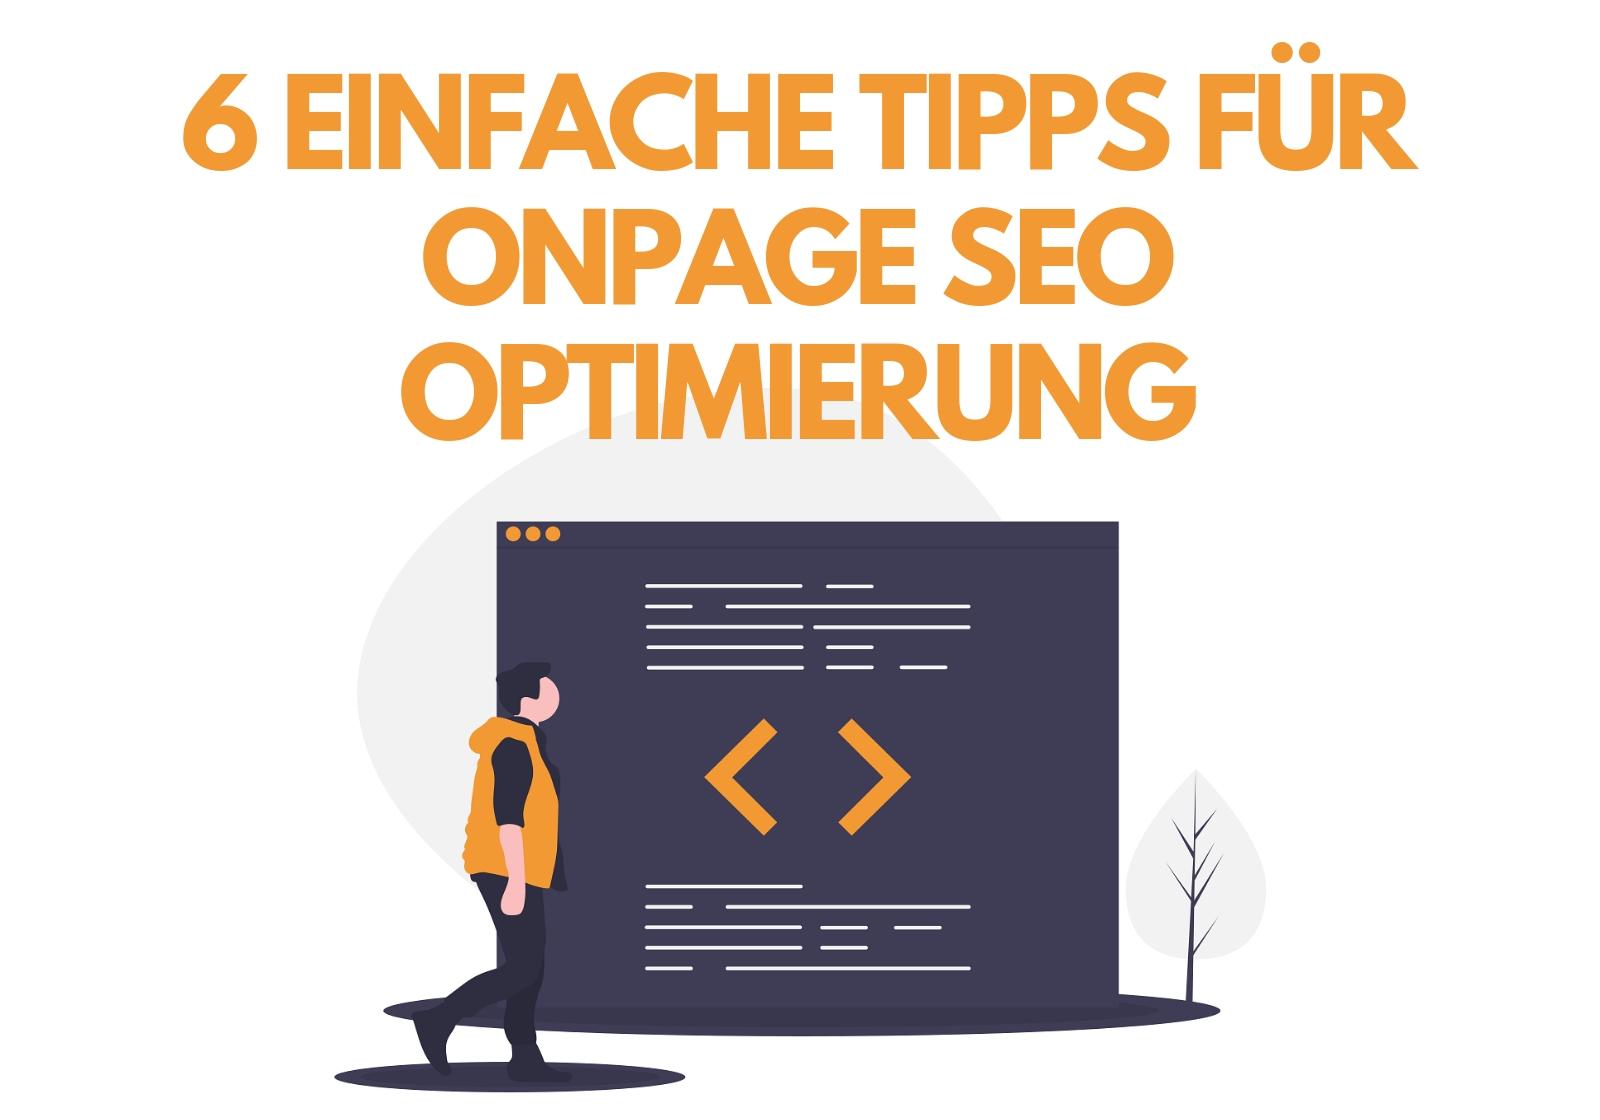 6 einfache Tipps für onpage SEO Optimierung